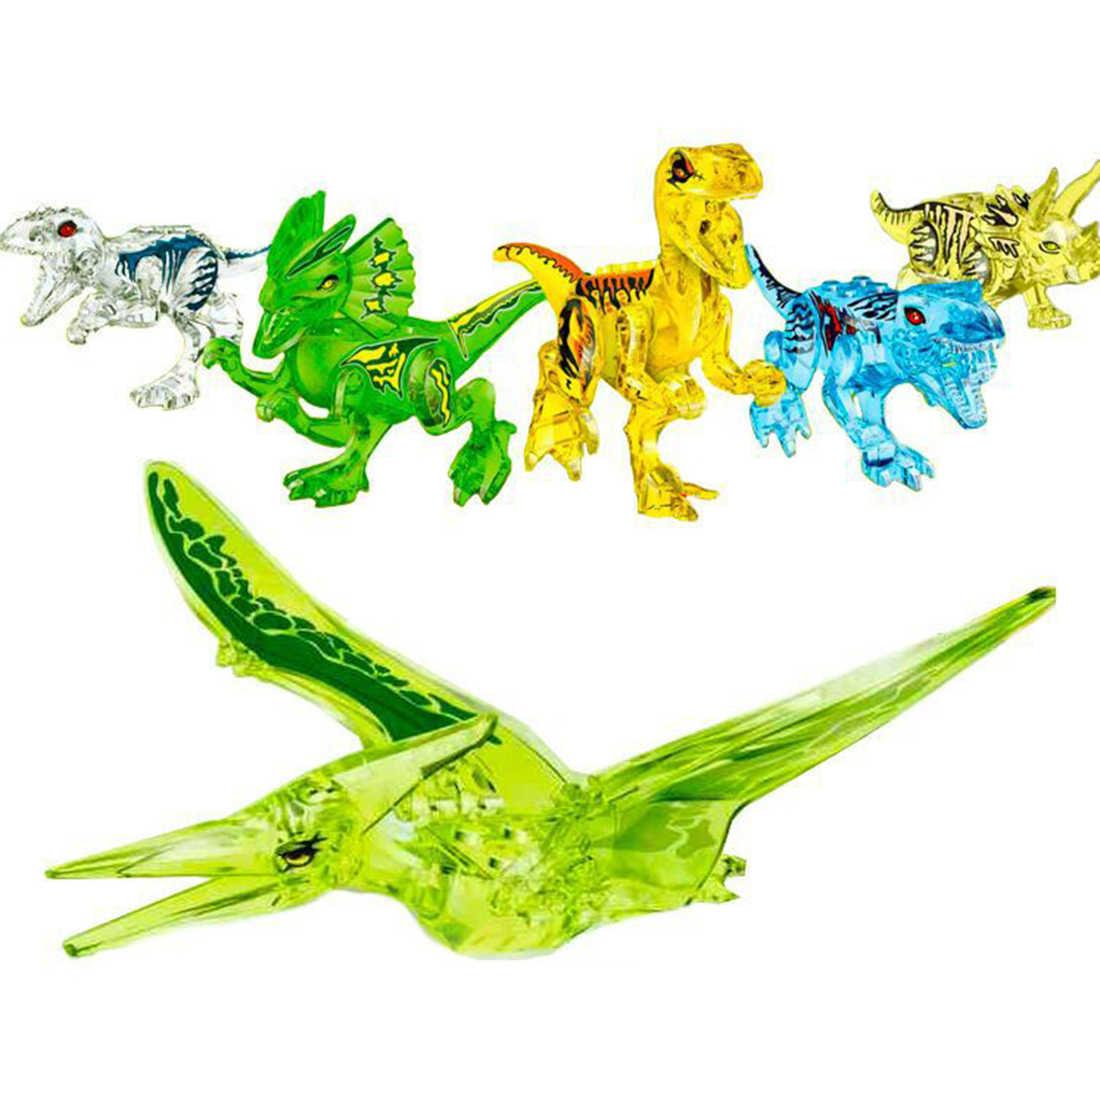 6Pcs Pequeno modelo Animal Figuras Brinquedos do Miúdo Brinquedos Educativos DIY Edição Dinossauro Brinquedos para Crianças Presente de Natal Nova